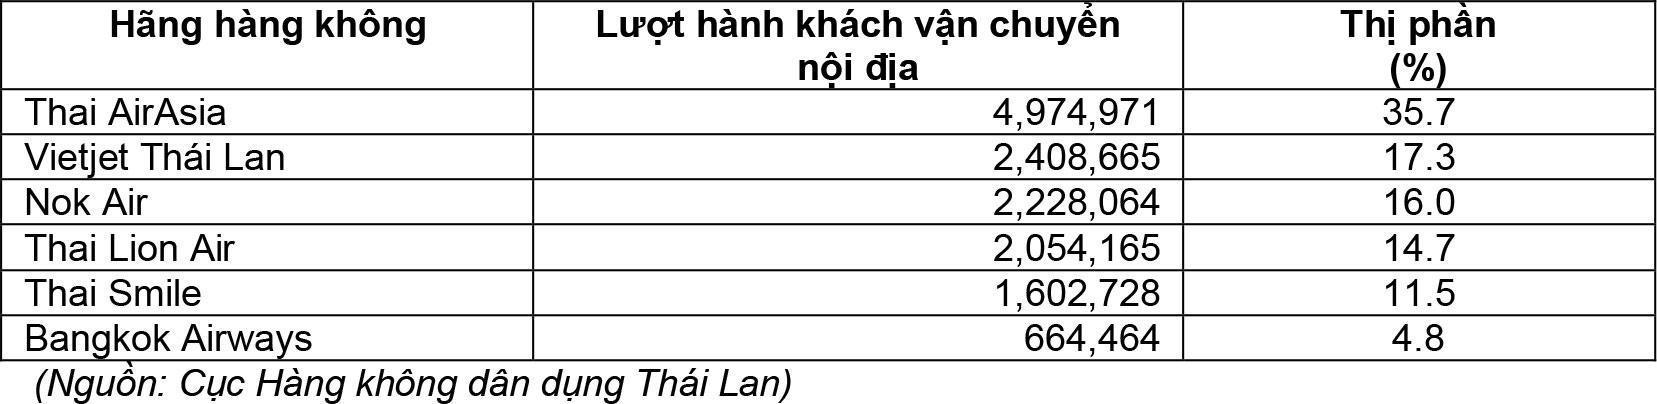 Vietjet Thái Lan đứng thứ 2 về thị phần 2020 Ảnh 2